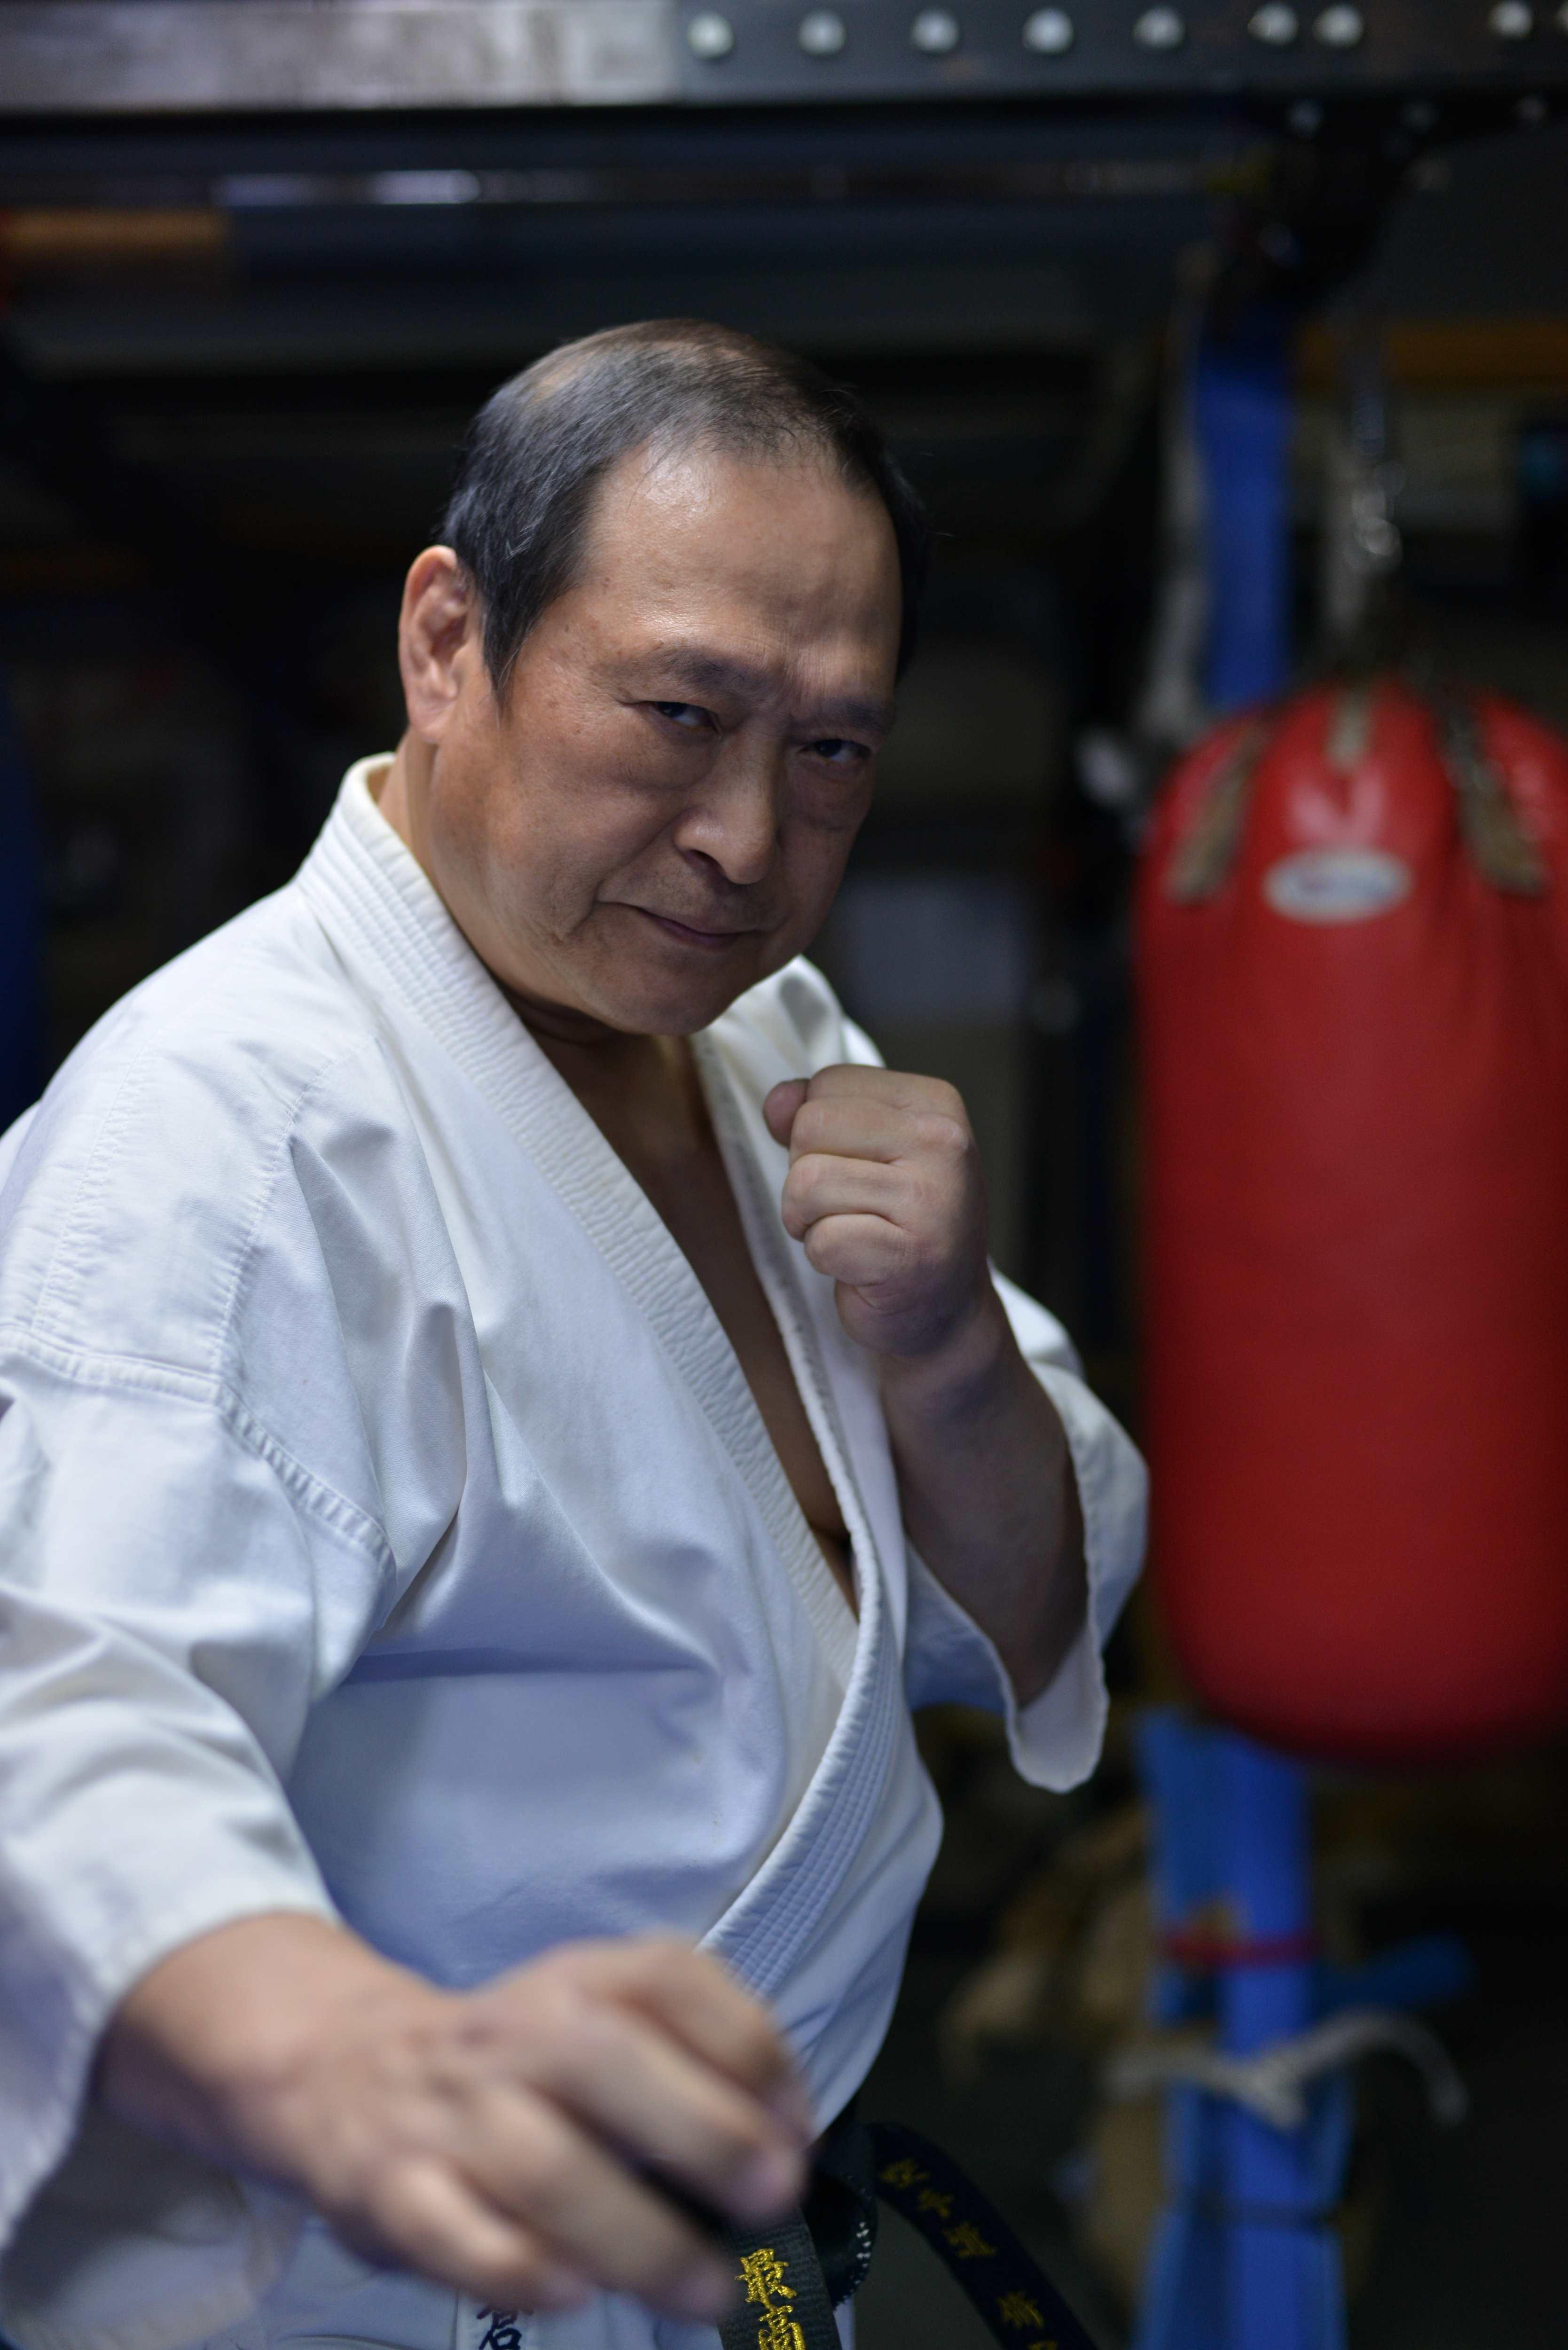 武術界の生ける伝説、倉本塾塾長・倉本成春